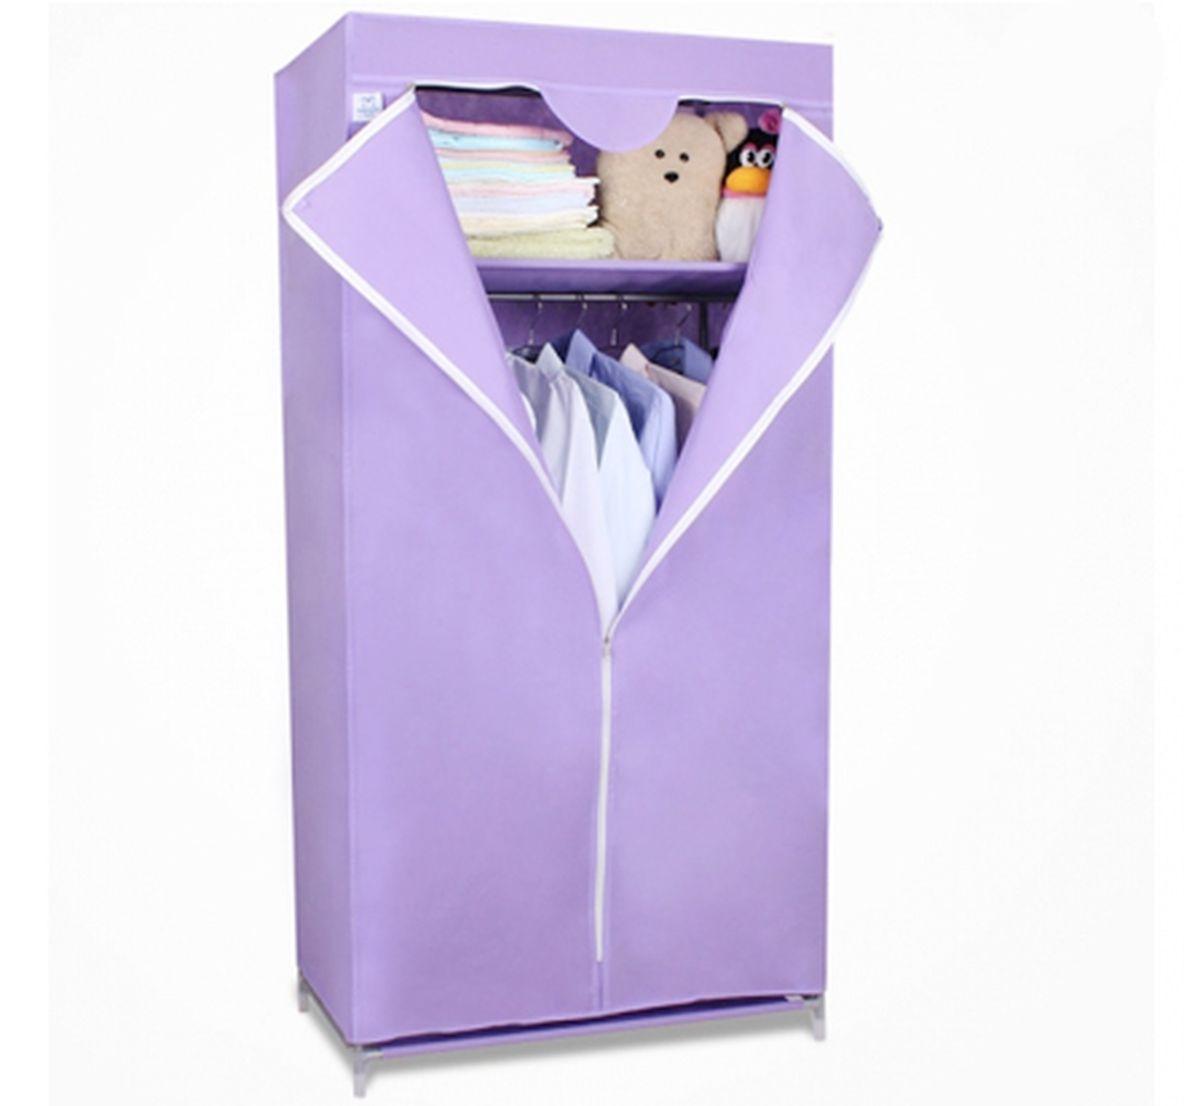 """Шкаф Homsu """"Кармэн"""", цвет: фиолетовый, 68 x 45 x 155 см HOM-107"""